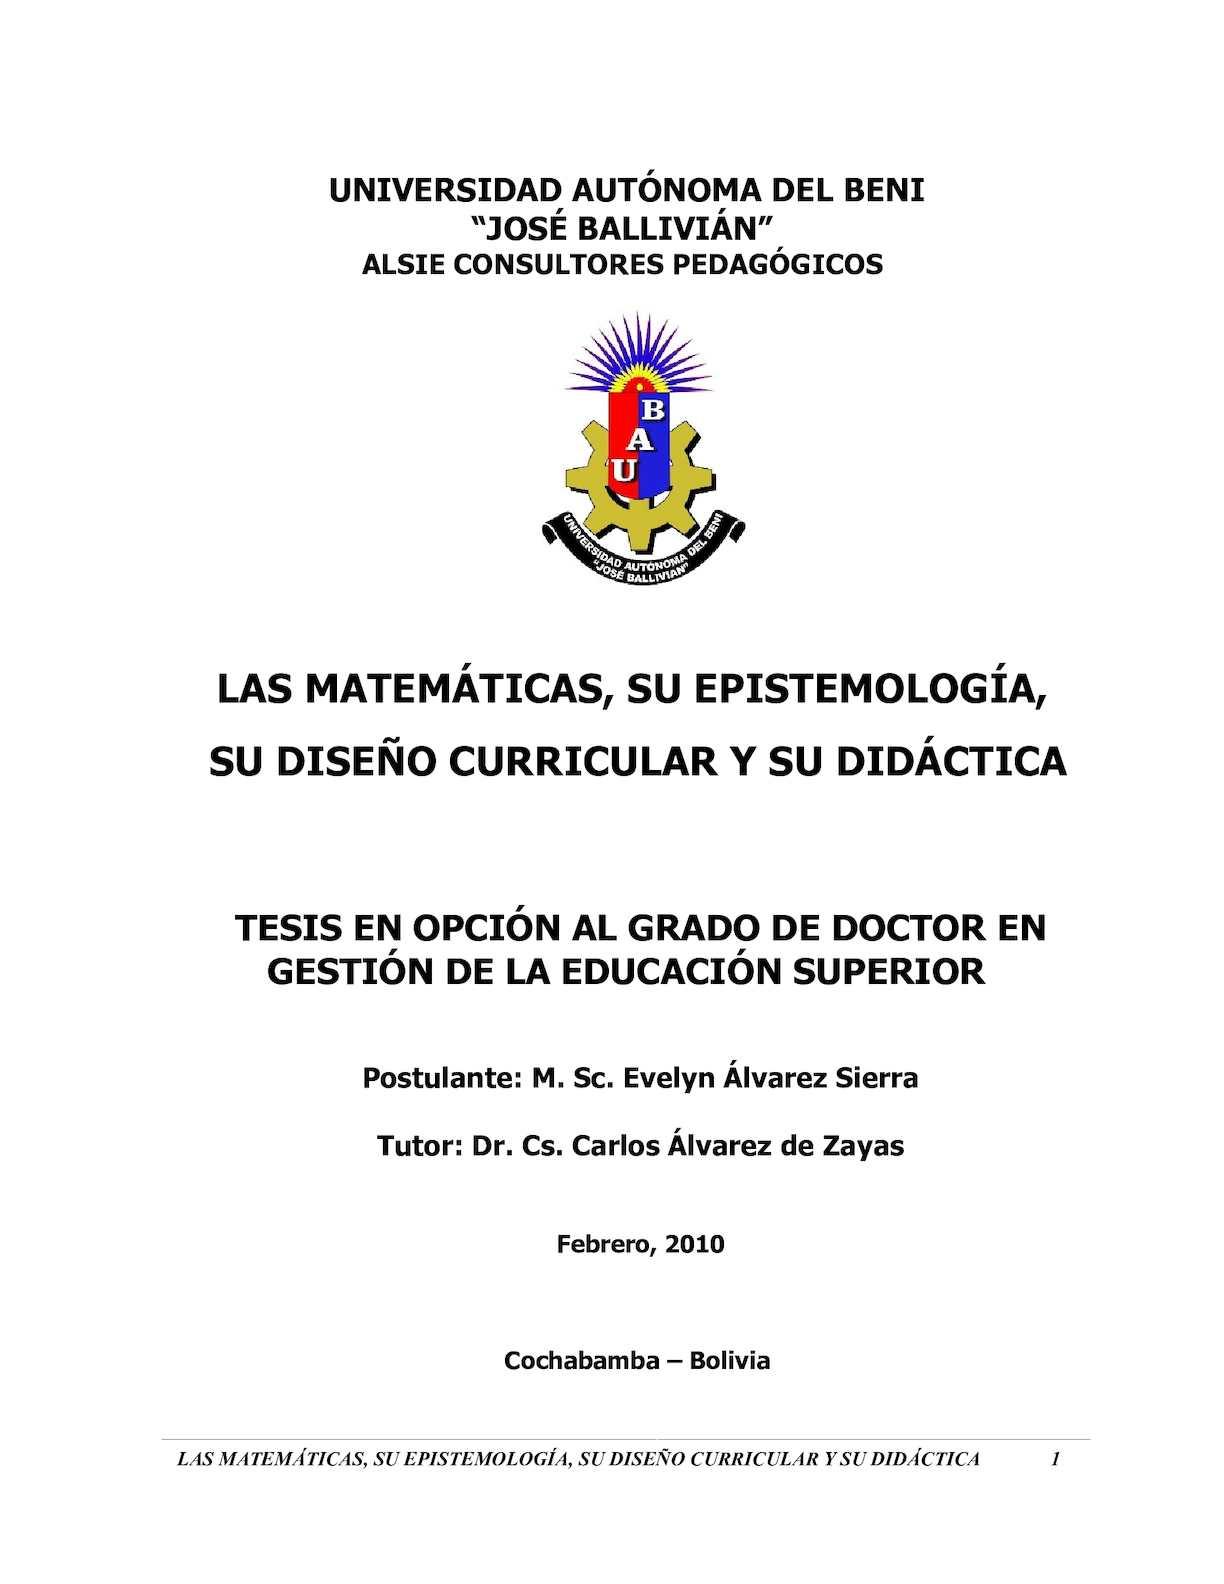 Las Matemáticas, Su Epistemología,su Diseño Curricular Y Su Didáctica